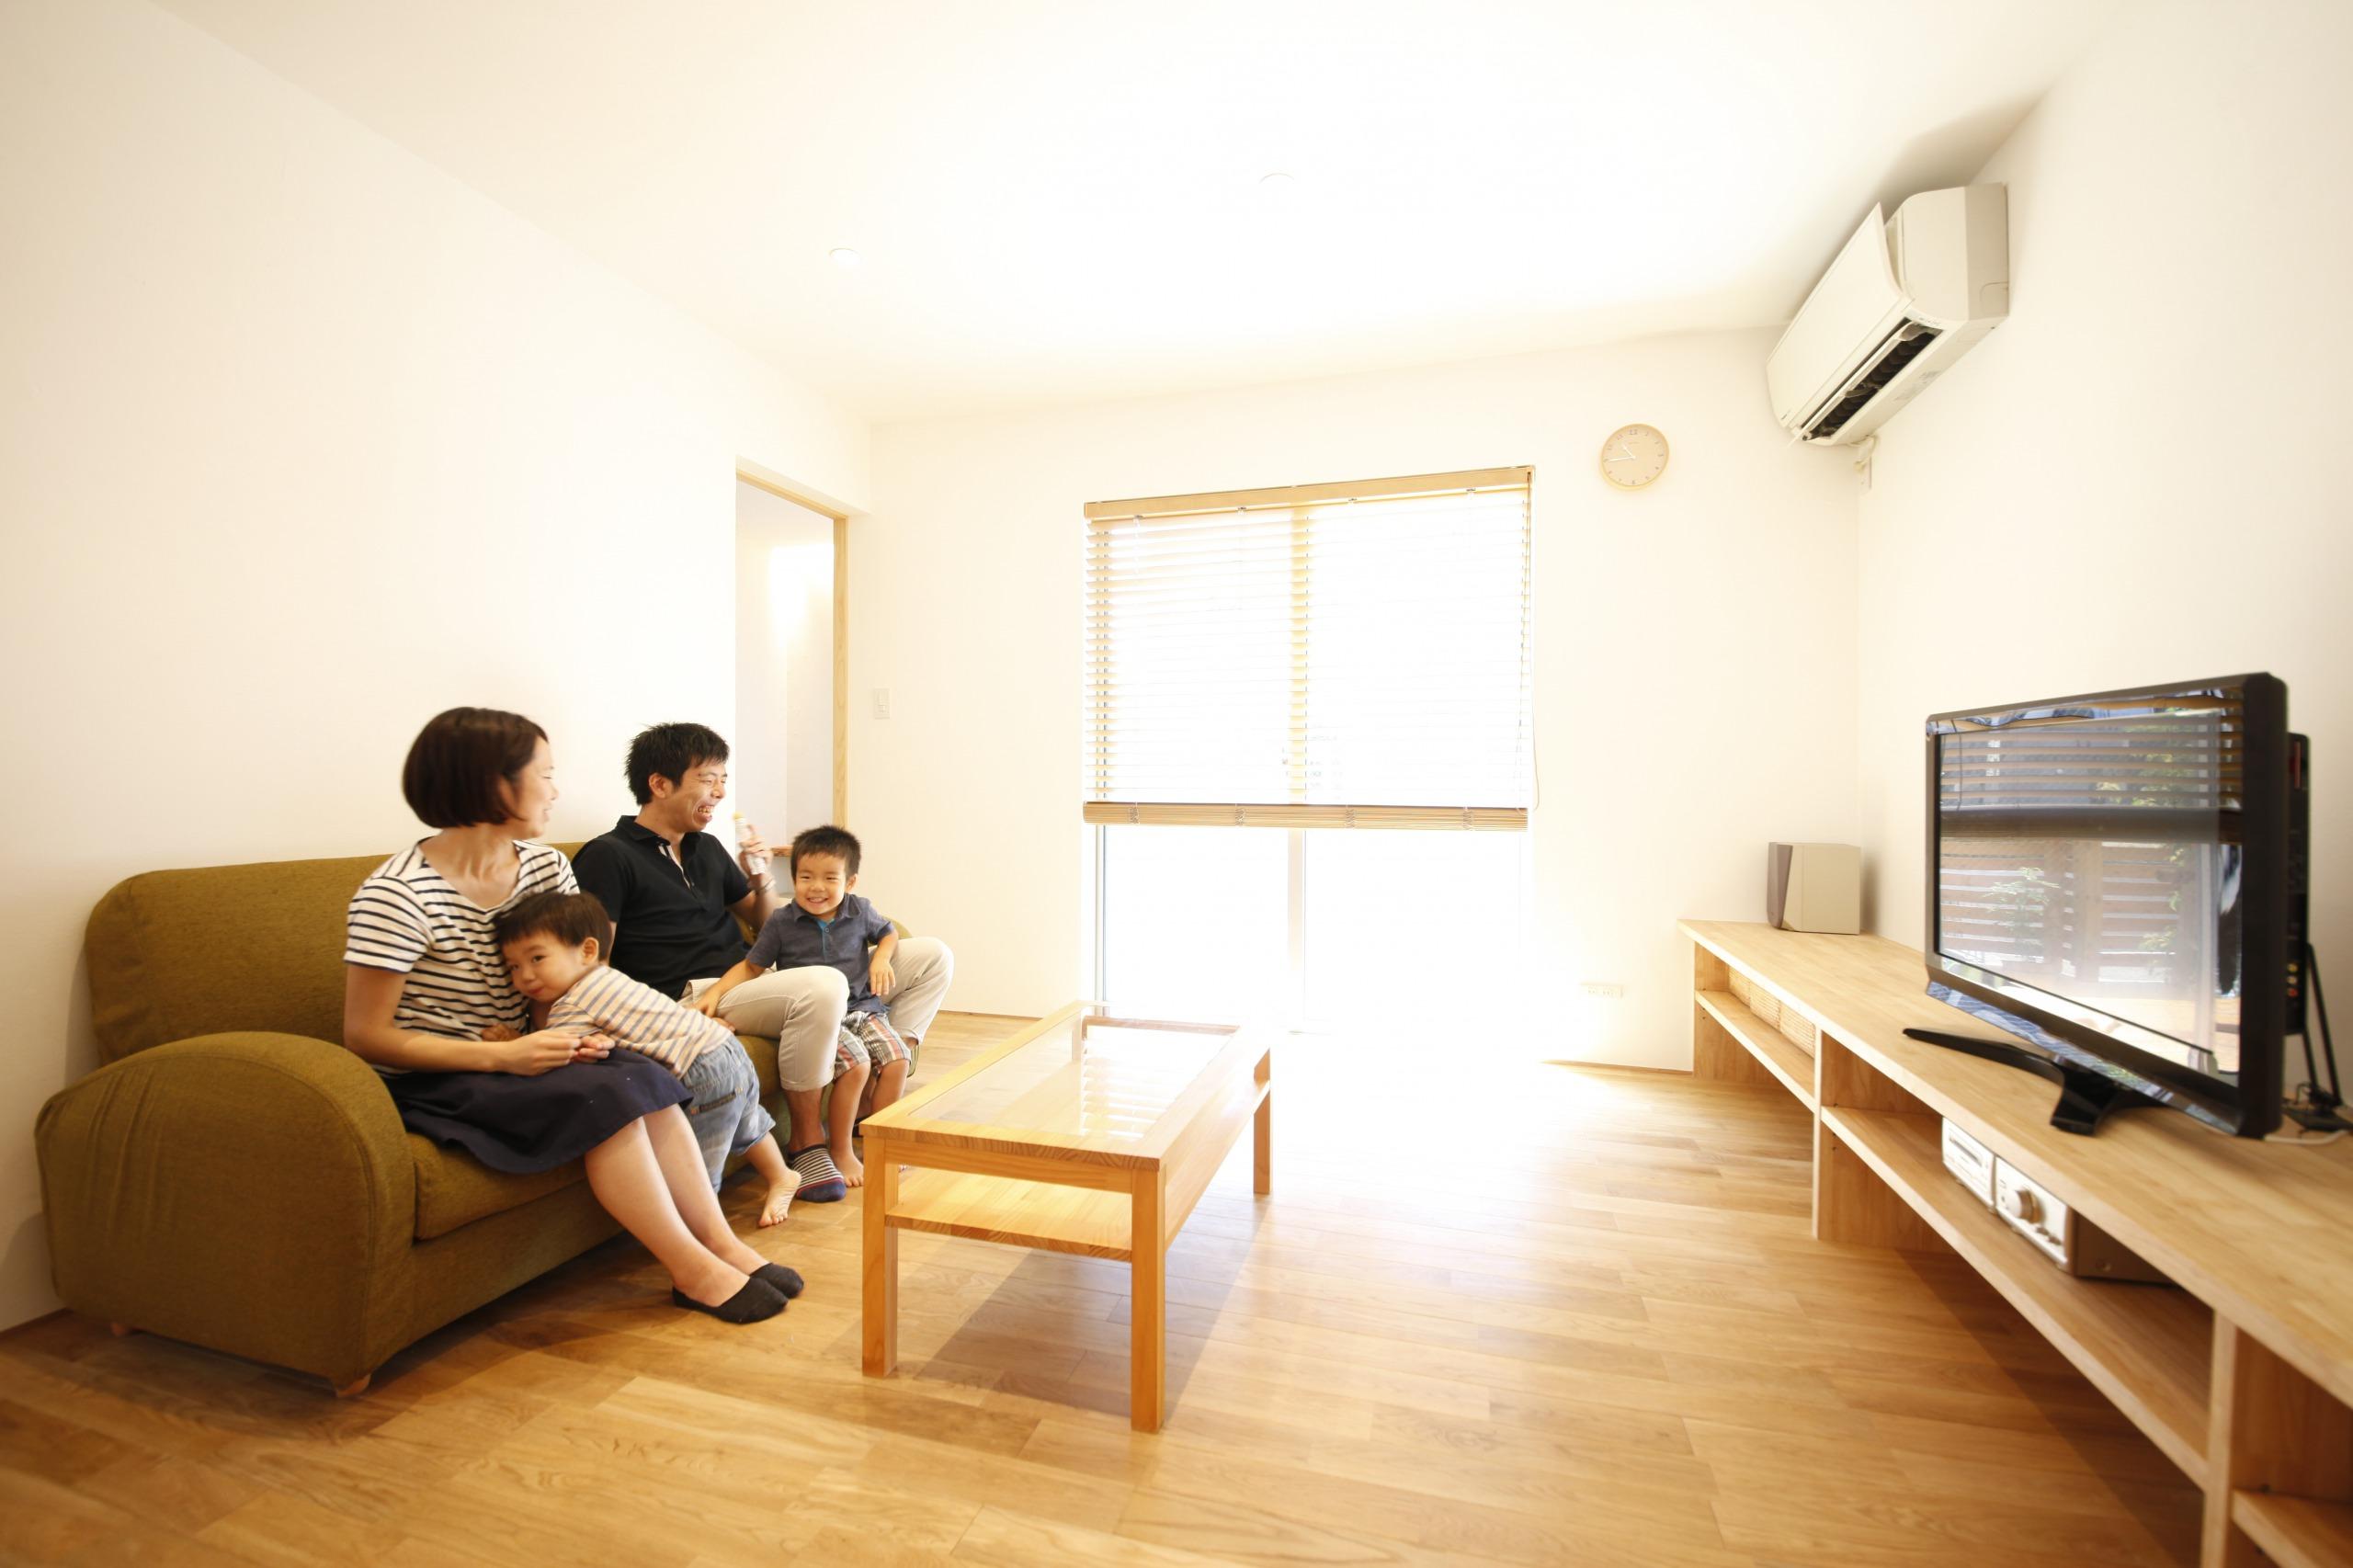 アトリエプラス【デザイン住宅、子育て、自然素材】LDKのTVボードや収納棚は造作し、統一感ある空間